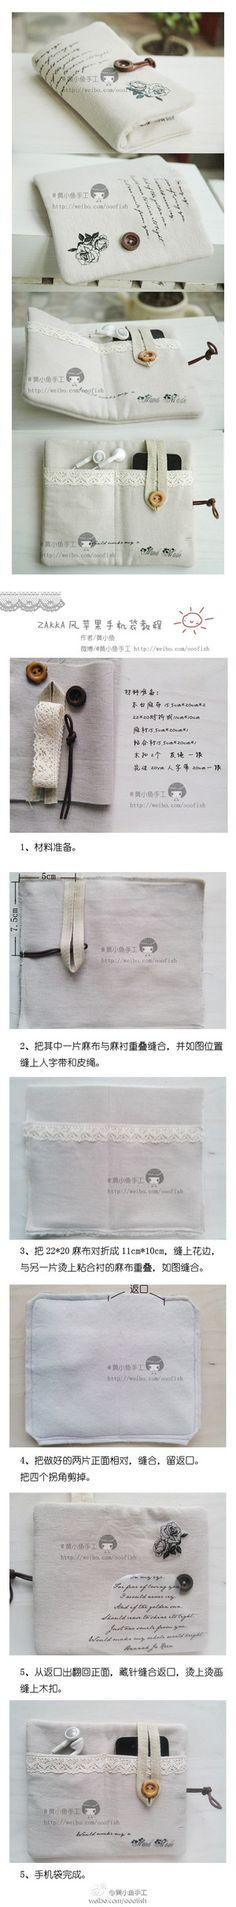 #黄小鱼手工# #苹果手机袋教程# - 堆糖 发现生活_收集美好_分享图片